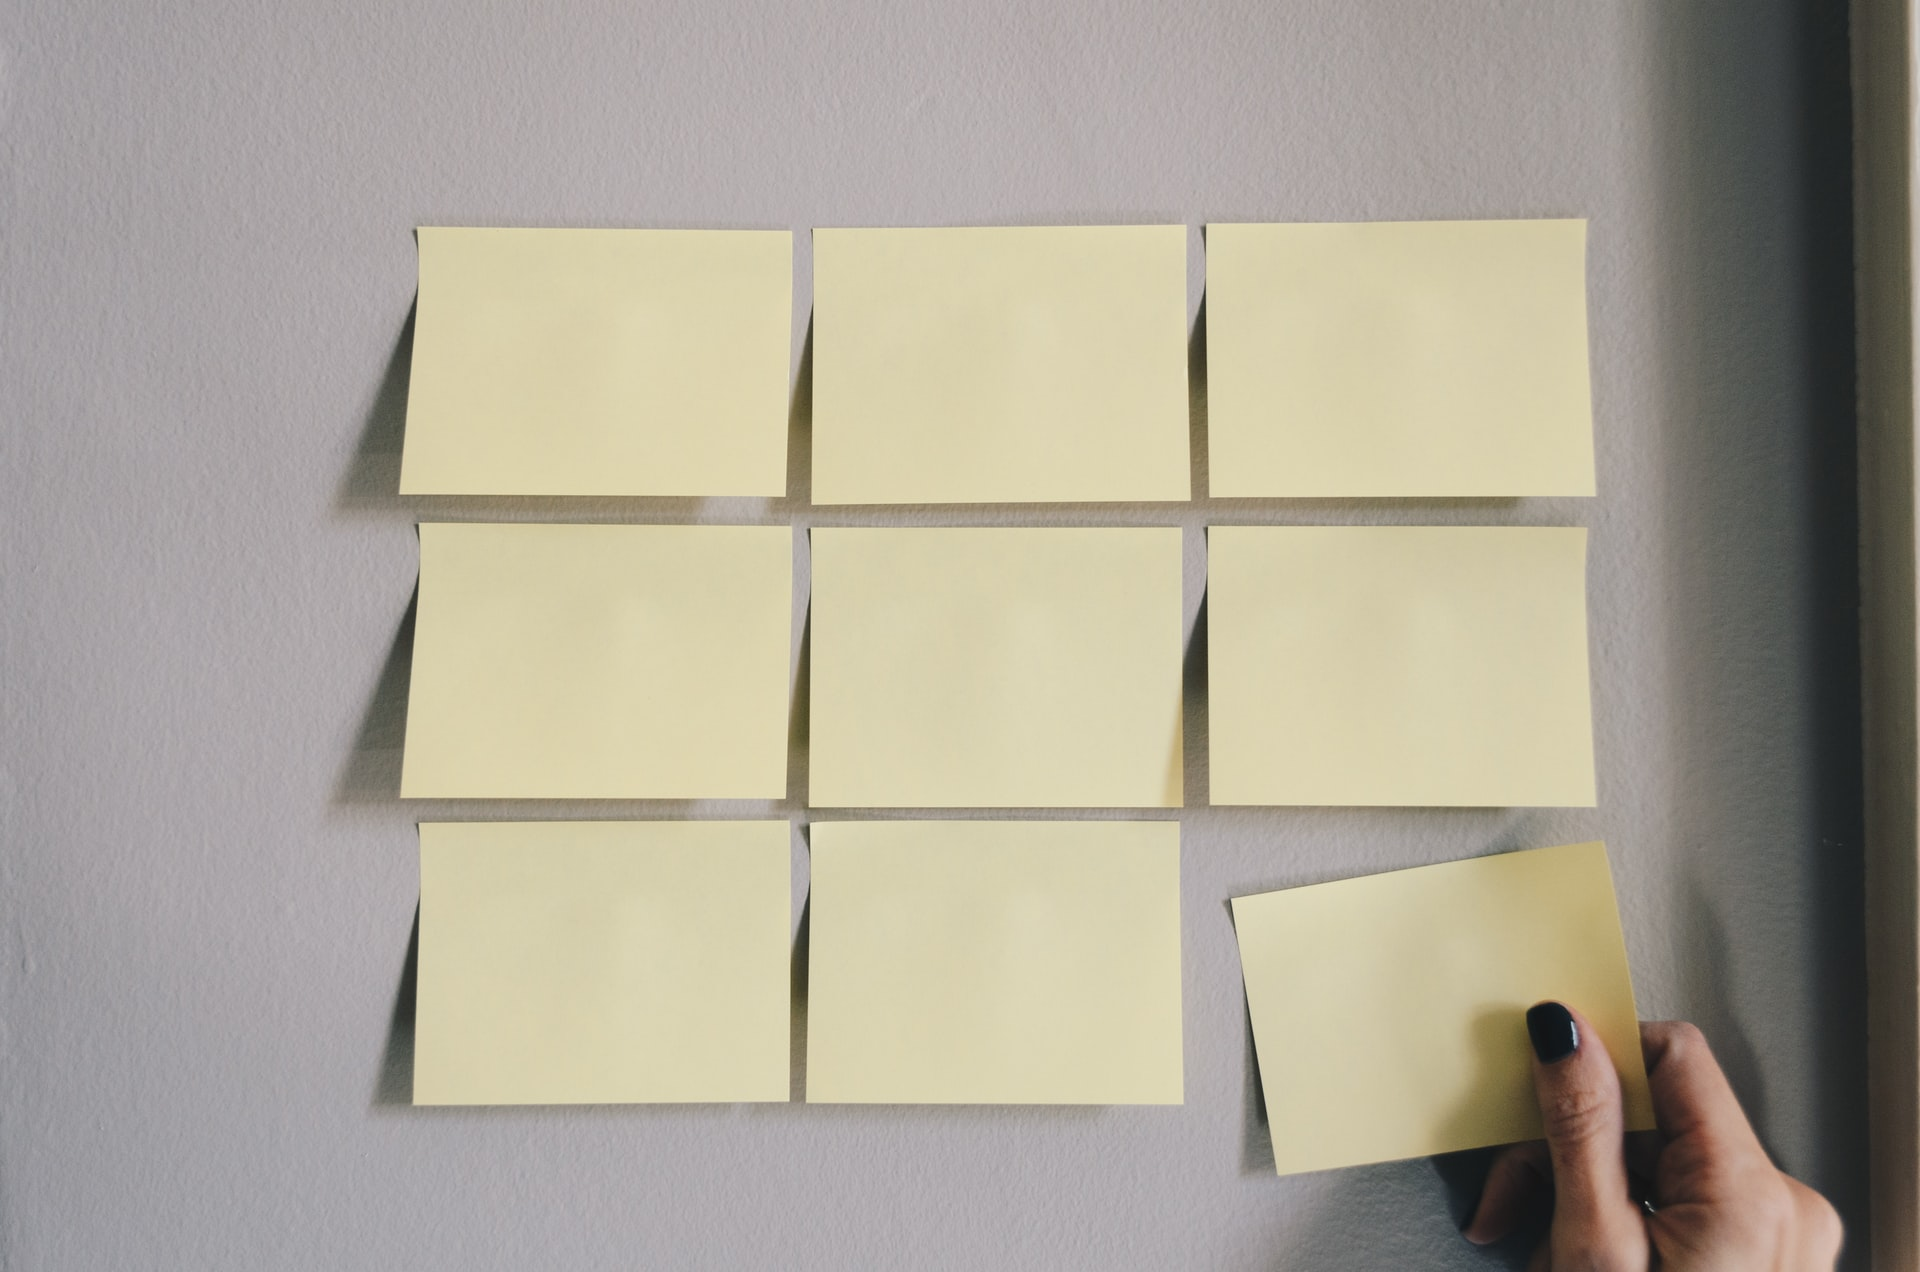 Melhores Aplicativos para Organização de Tarefas (Imagem: Kelly Sikkema/Unsplash)